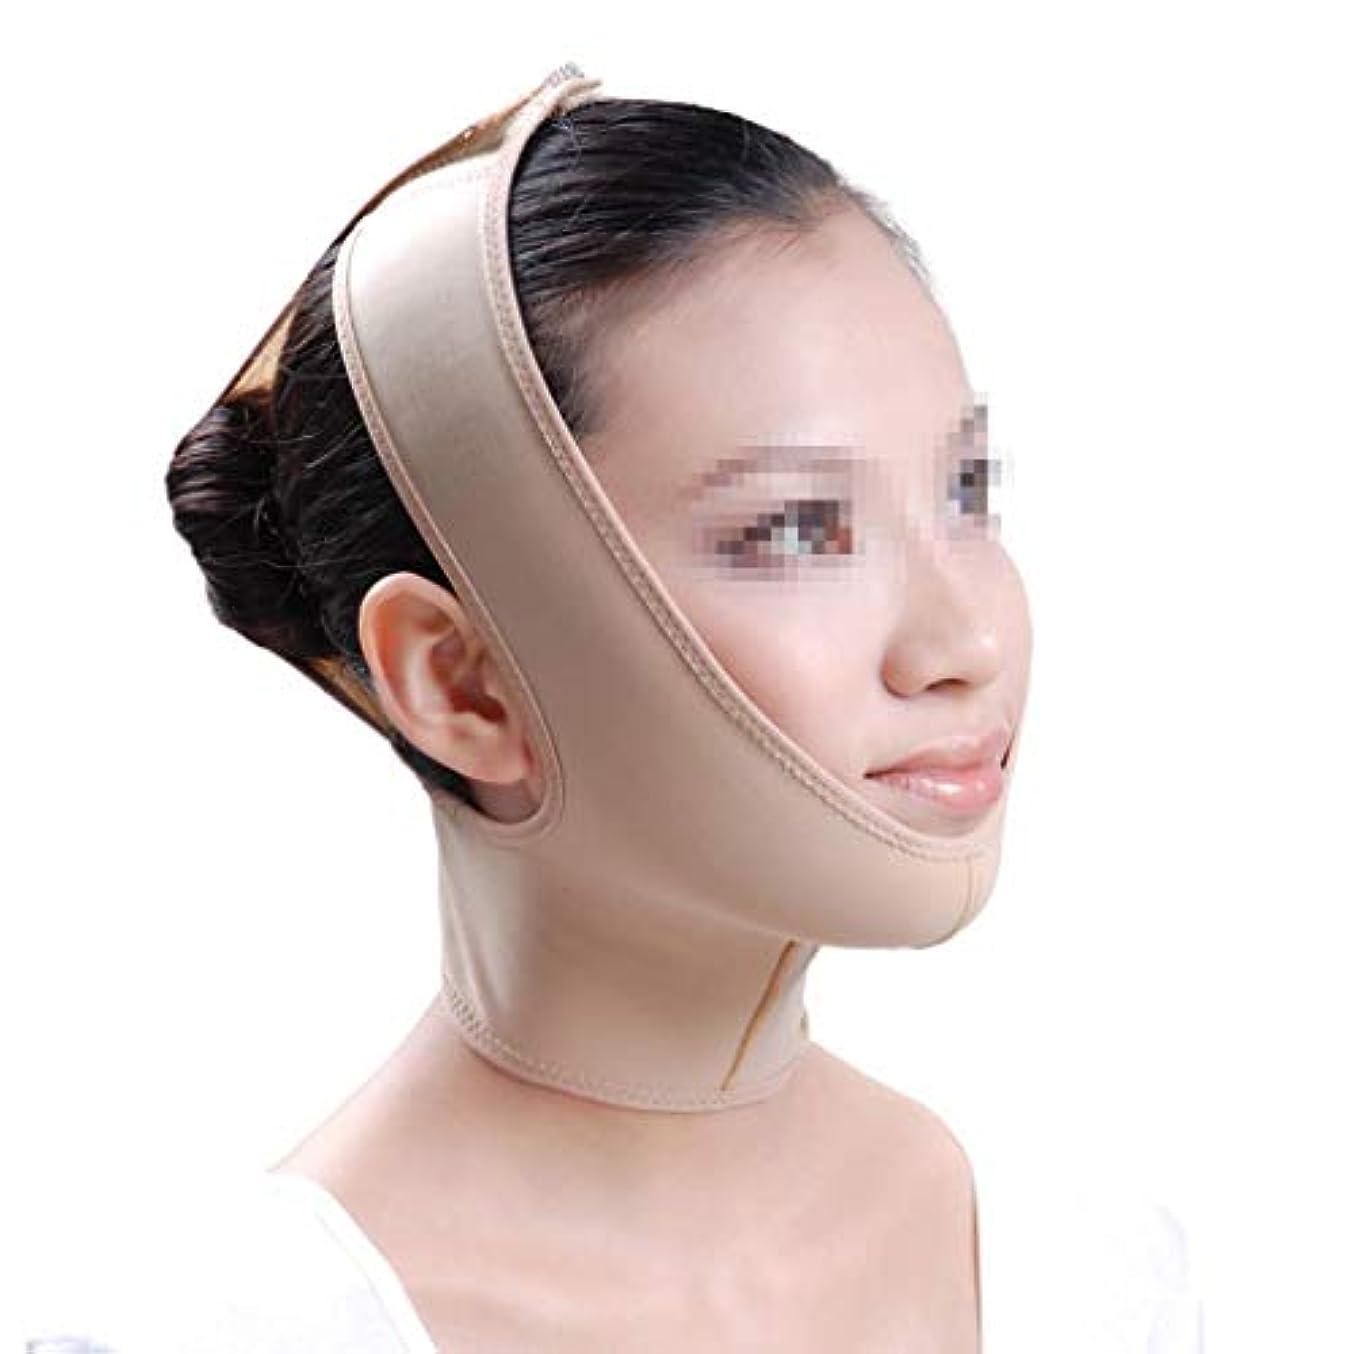 パスポート追い越すパンツフェイスリフトマスク、顎首スリーブ首ダブルあご顔医療脂肪吸引手術傷フェイスマスクヘッド弾性スリーブ(サイズ:XXL)